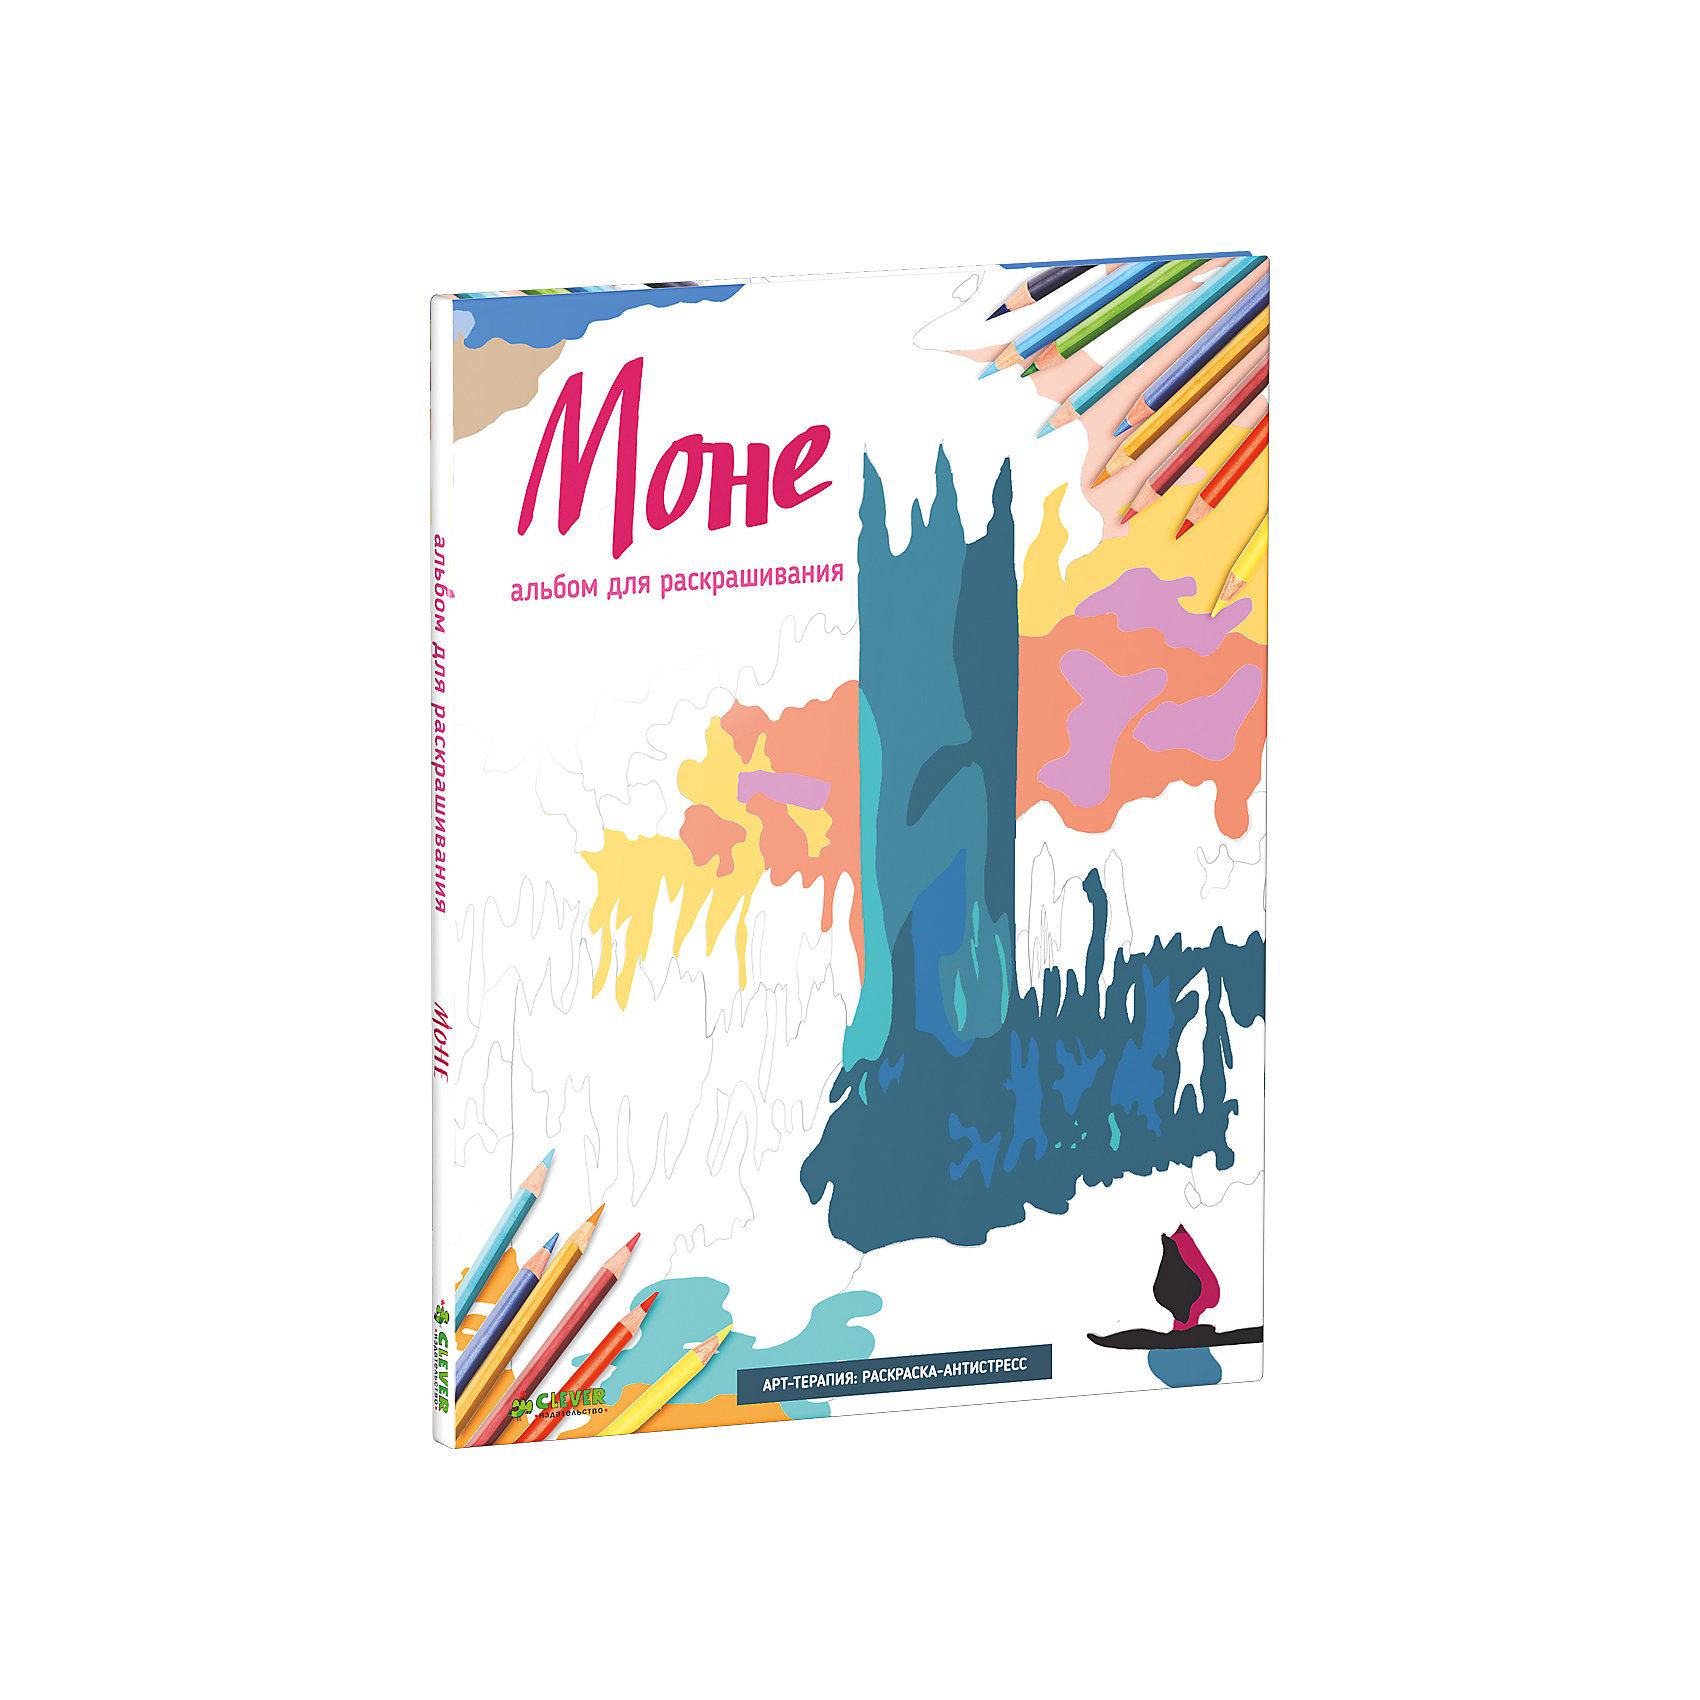 Альбом для раскрашивания МонеCLEVER (КЛЕВЕР)<br>Почувствовать себя великим художником - легко! Познакомить ребенка со знаменитыми картинами Моне поможет это издание. Альбом очень красиво выглядит, он напечатан на специальной бумаге, внутри - страницы с рисунками для раскрашивания, поэтому издание станет отличным подарком. <br>В него вошли самые впечатляющие творения художника, всего 11 картин. Также в альбоме есть примеры картин в цвете и советы по нанесению краски. Раскрашивая картинки, ребенок будет развивать навыки рисования, а взрослый - снимать стресс. Потом картины мложно легко извлечь из альбома и вставить в рамку.<br><br>Дополнительная информация:<br><br>размер: 27 х 21 см;<br>страниц: 40;<br>офсетная печать.<br><br>Издание Альбом для раскрашивания Моне можно купить в нашем интернет-магазине.<br><br>Ширина мм: 275<br>Глубина мм: 210<br>Высота мм: 10<br>Вес г: 300<br>Возраст от месяцев: 84<br>Возраст до месяцев: 132<br>Пол: Унисекс<br>Возраст: Детский<br>SKU: 4976191